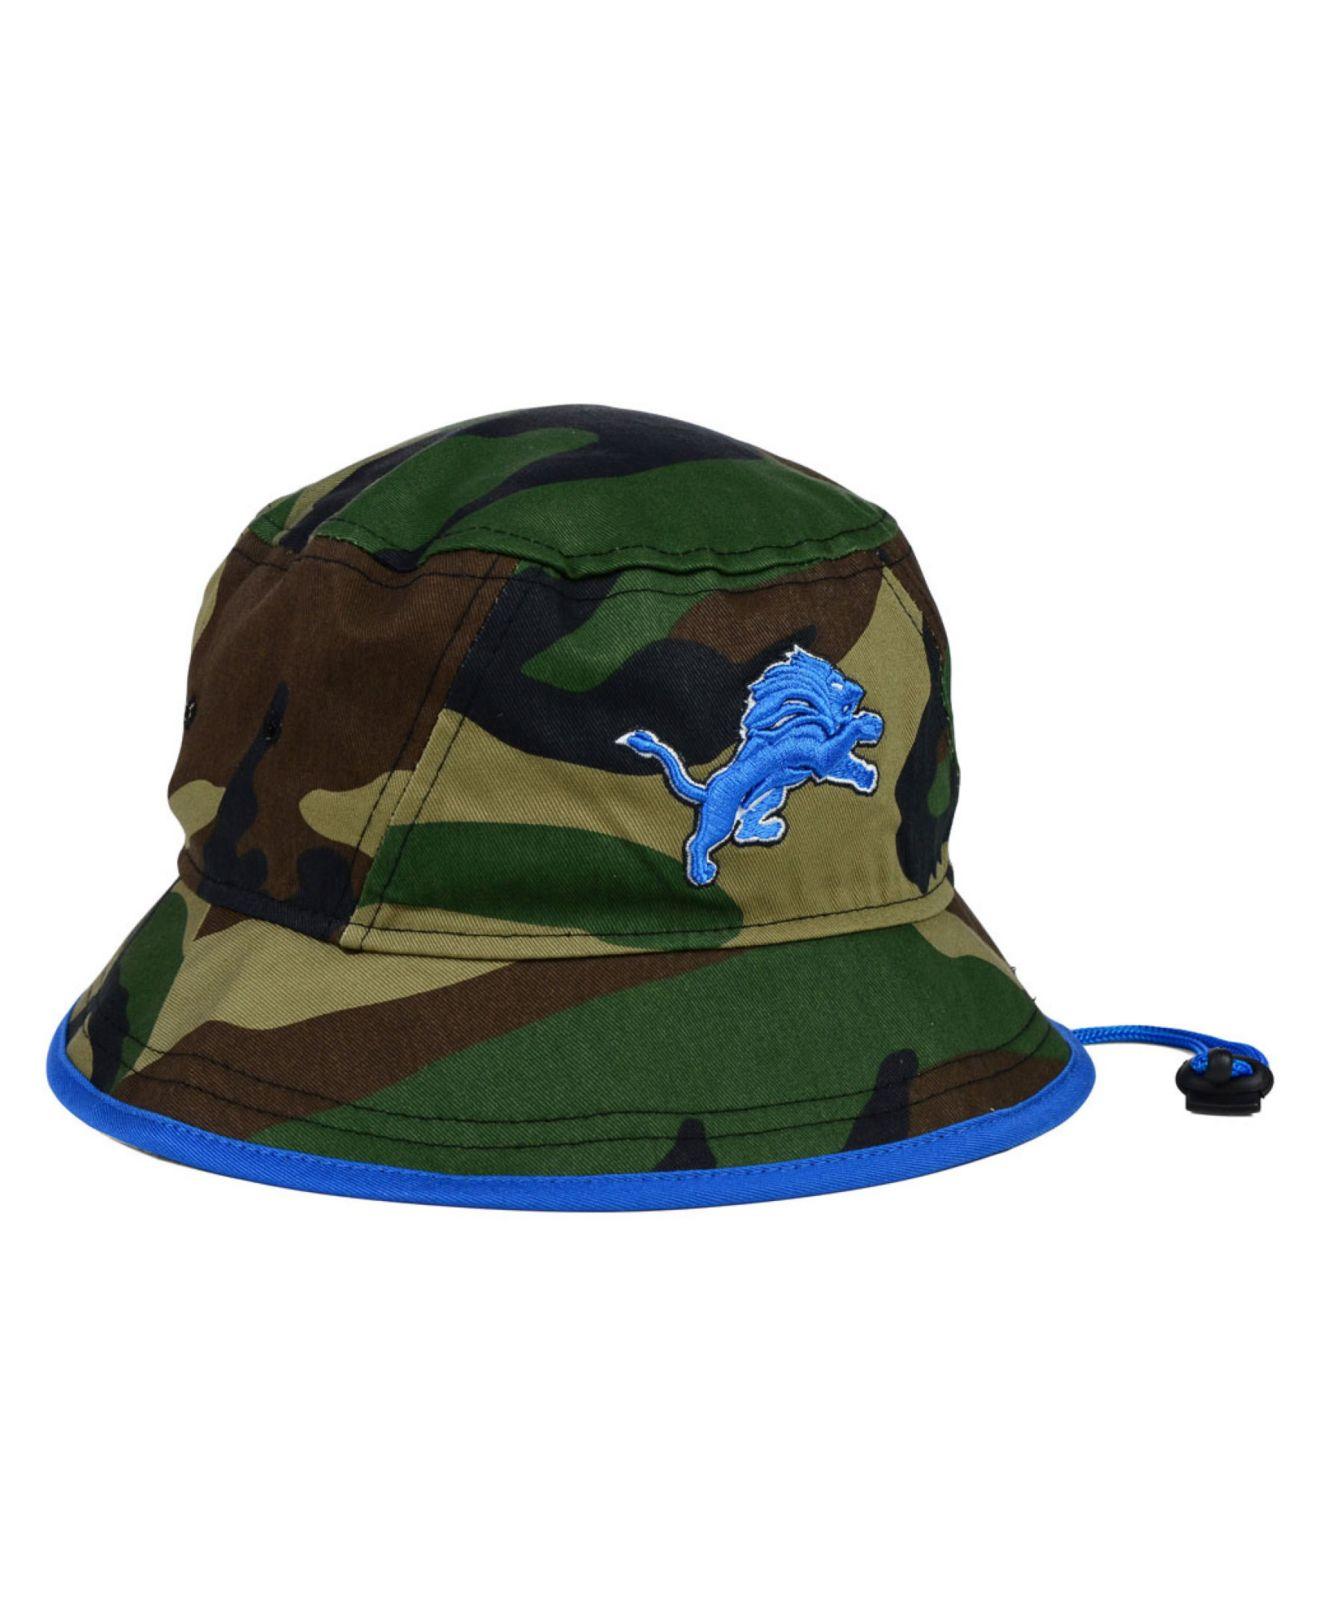 los angeles 7f96e c1d59 ... australia lyst ktz detroit lions camo pop bucket hat in green for men  c492e 0d935